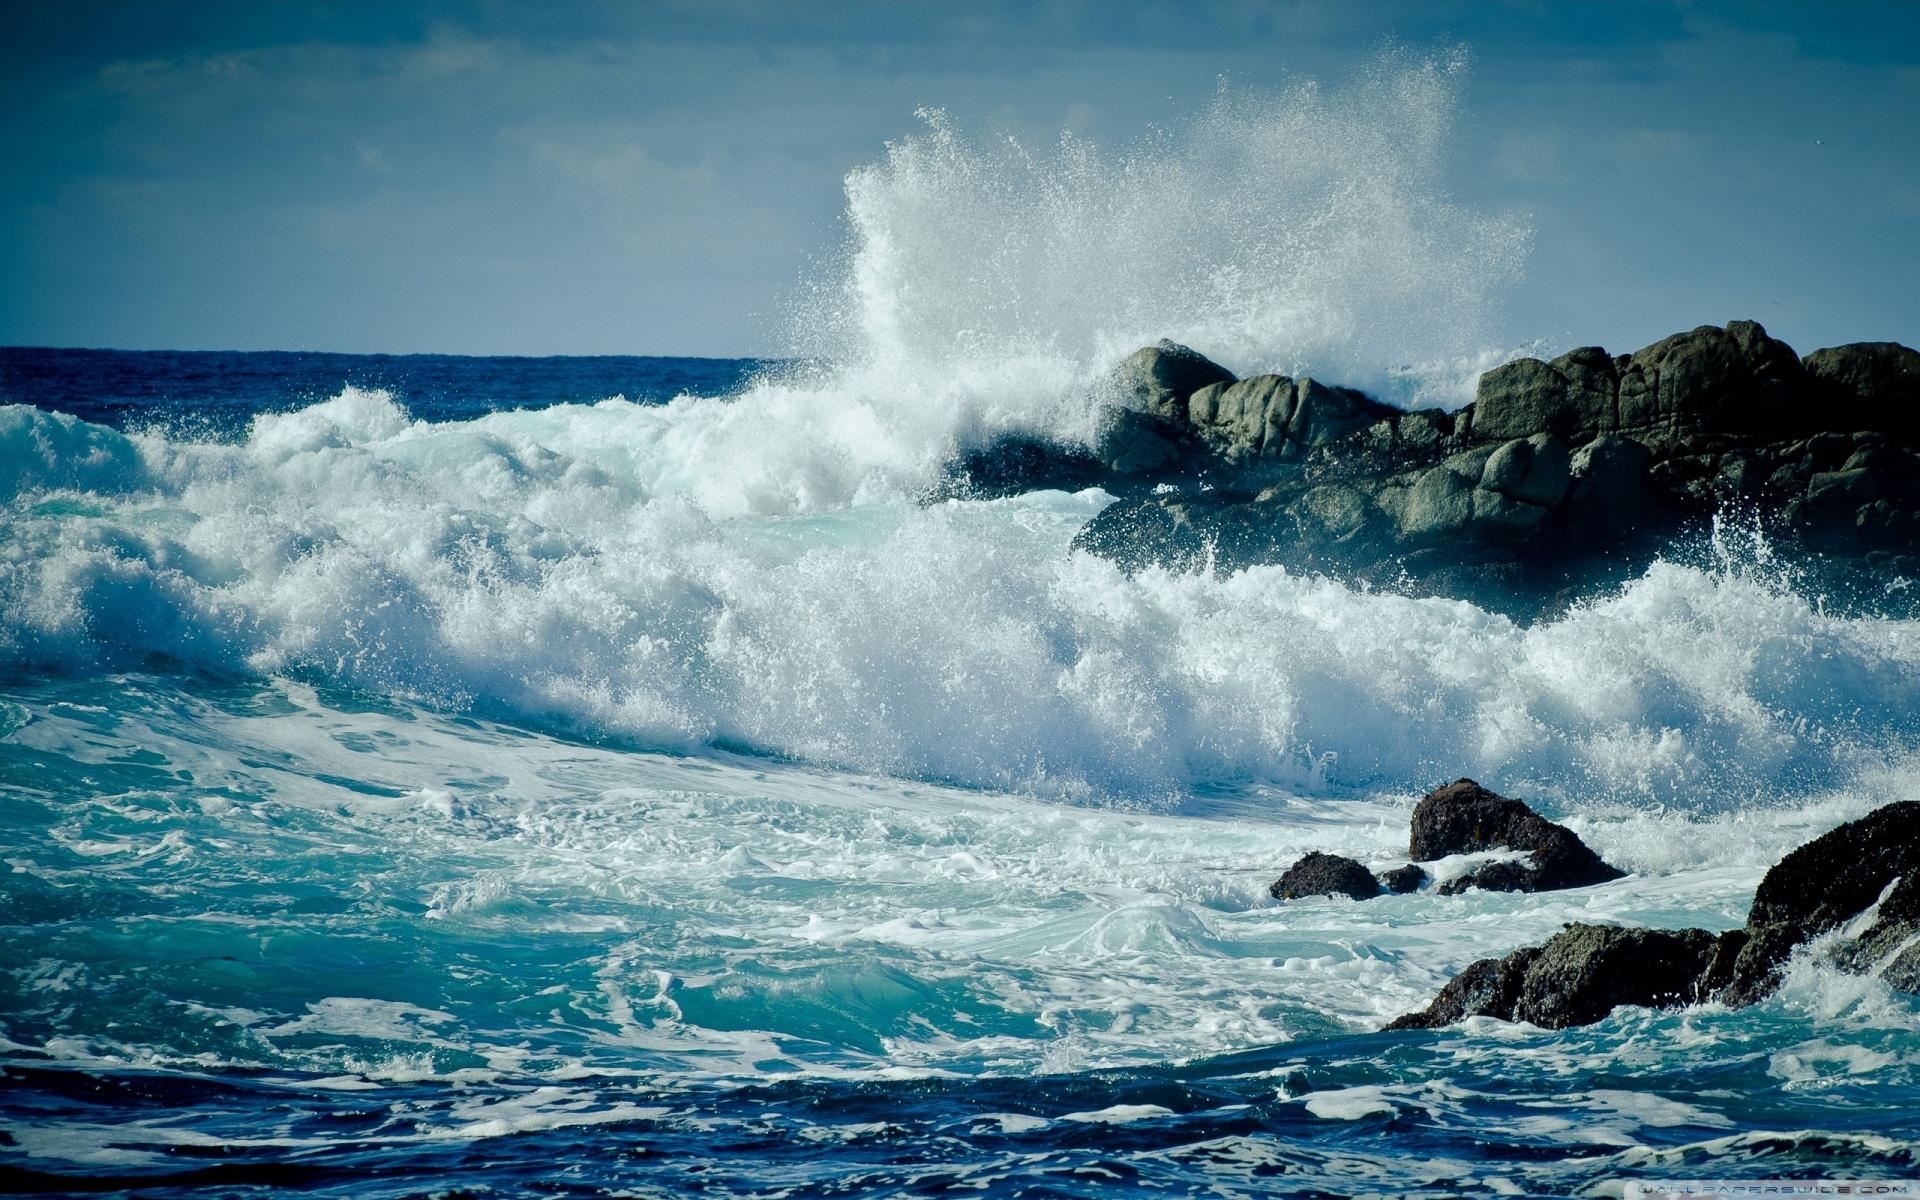 Ocean Waves Crashing   1920x1200 1920x1200